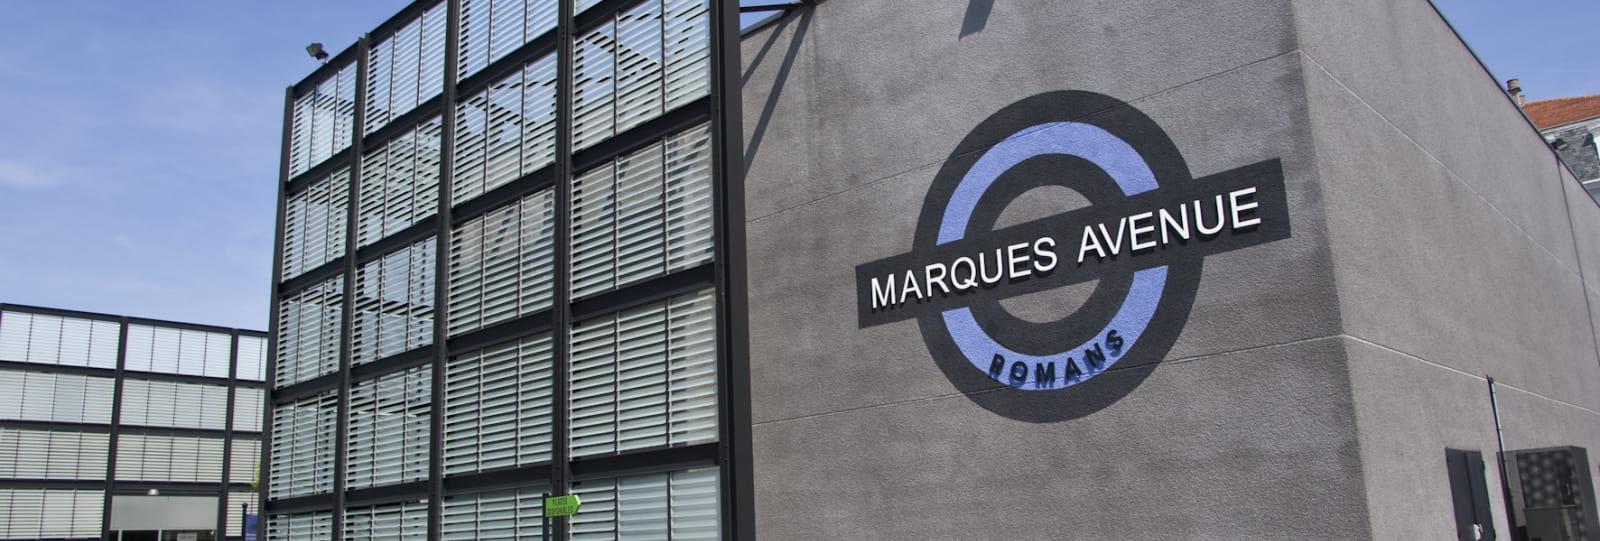 Marques Avenue Romans